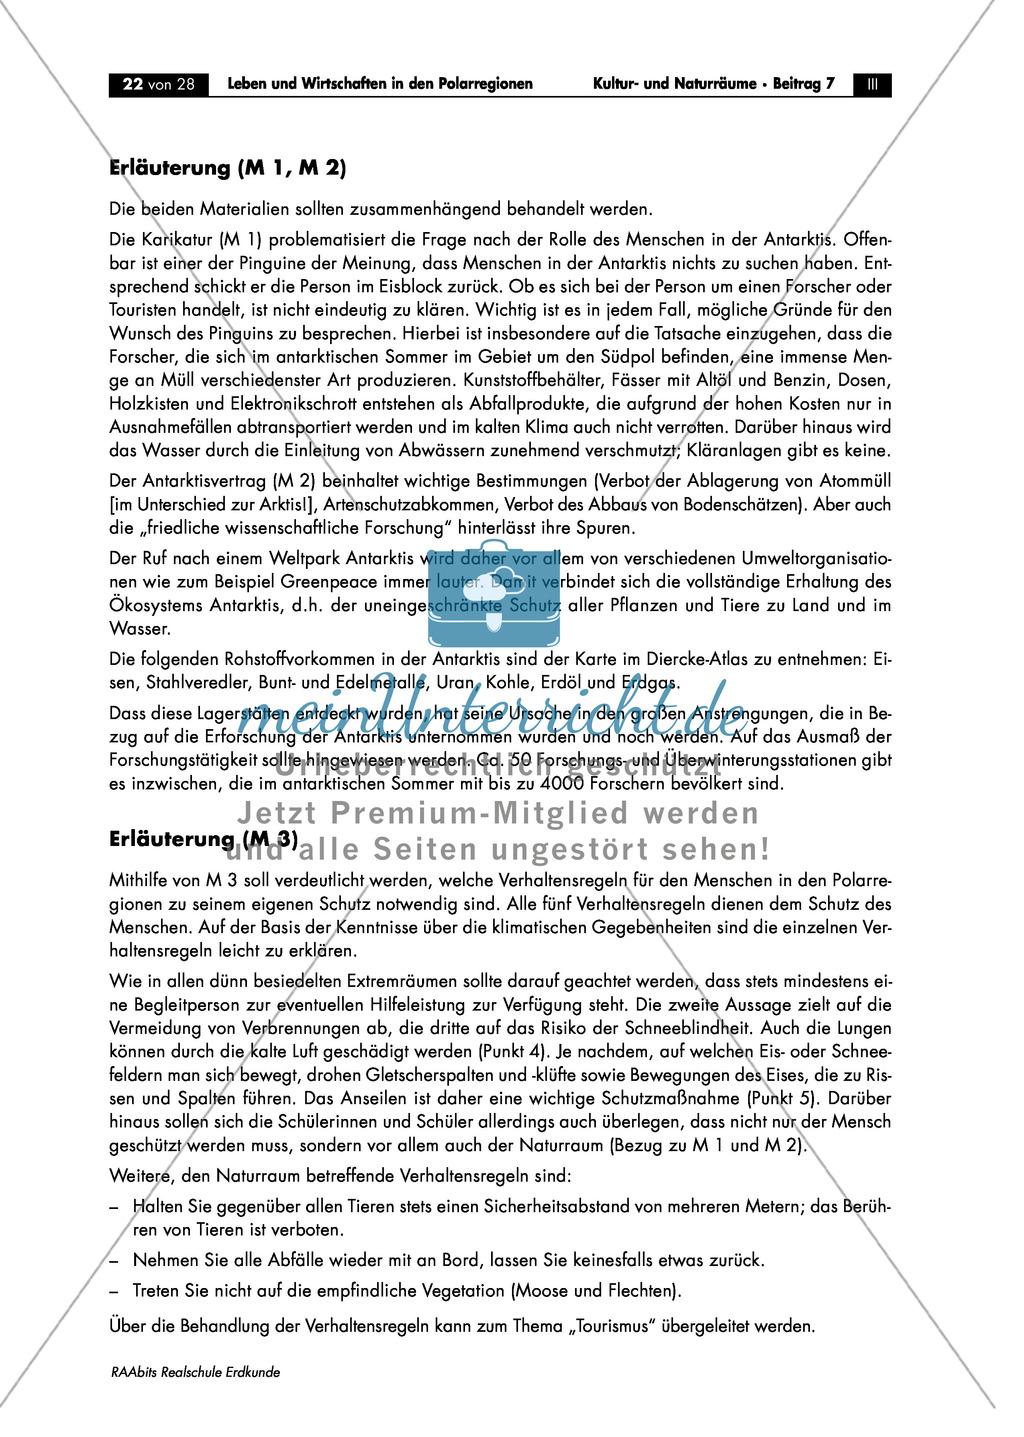 Leben + Wirtschaften in Polarregionen: Ökosystem + Antarktisvertrag Preview 2